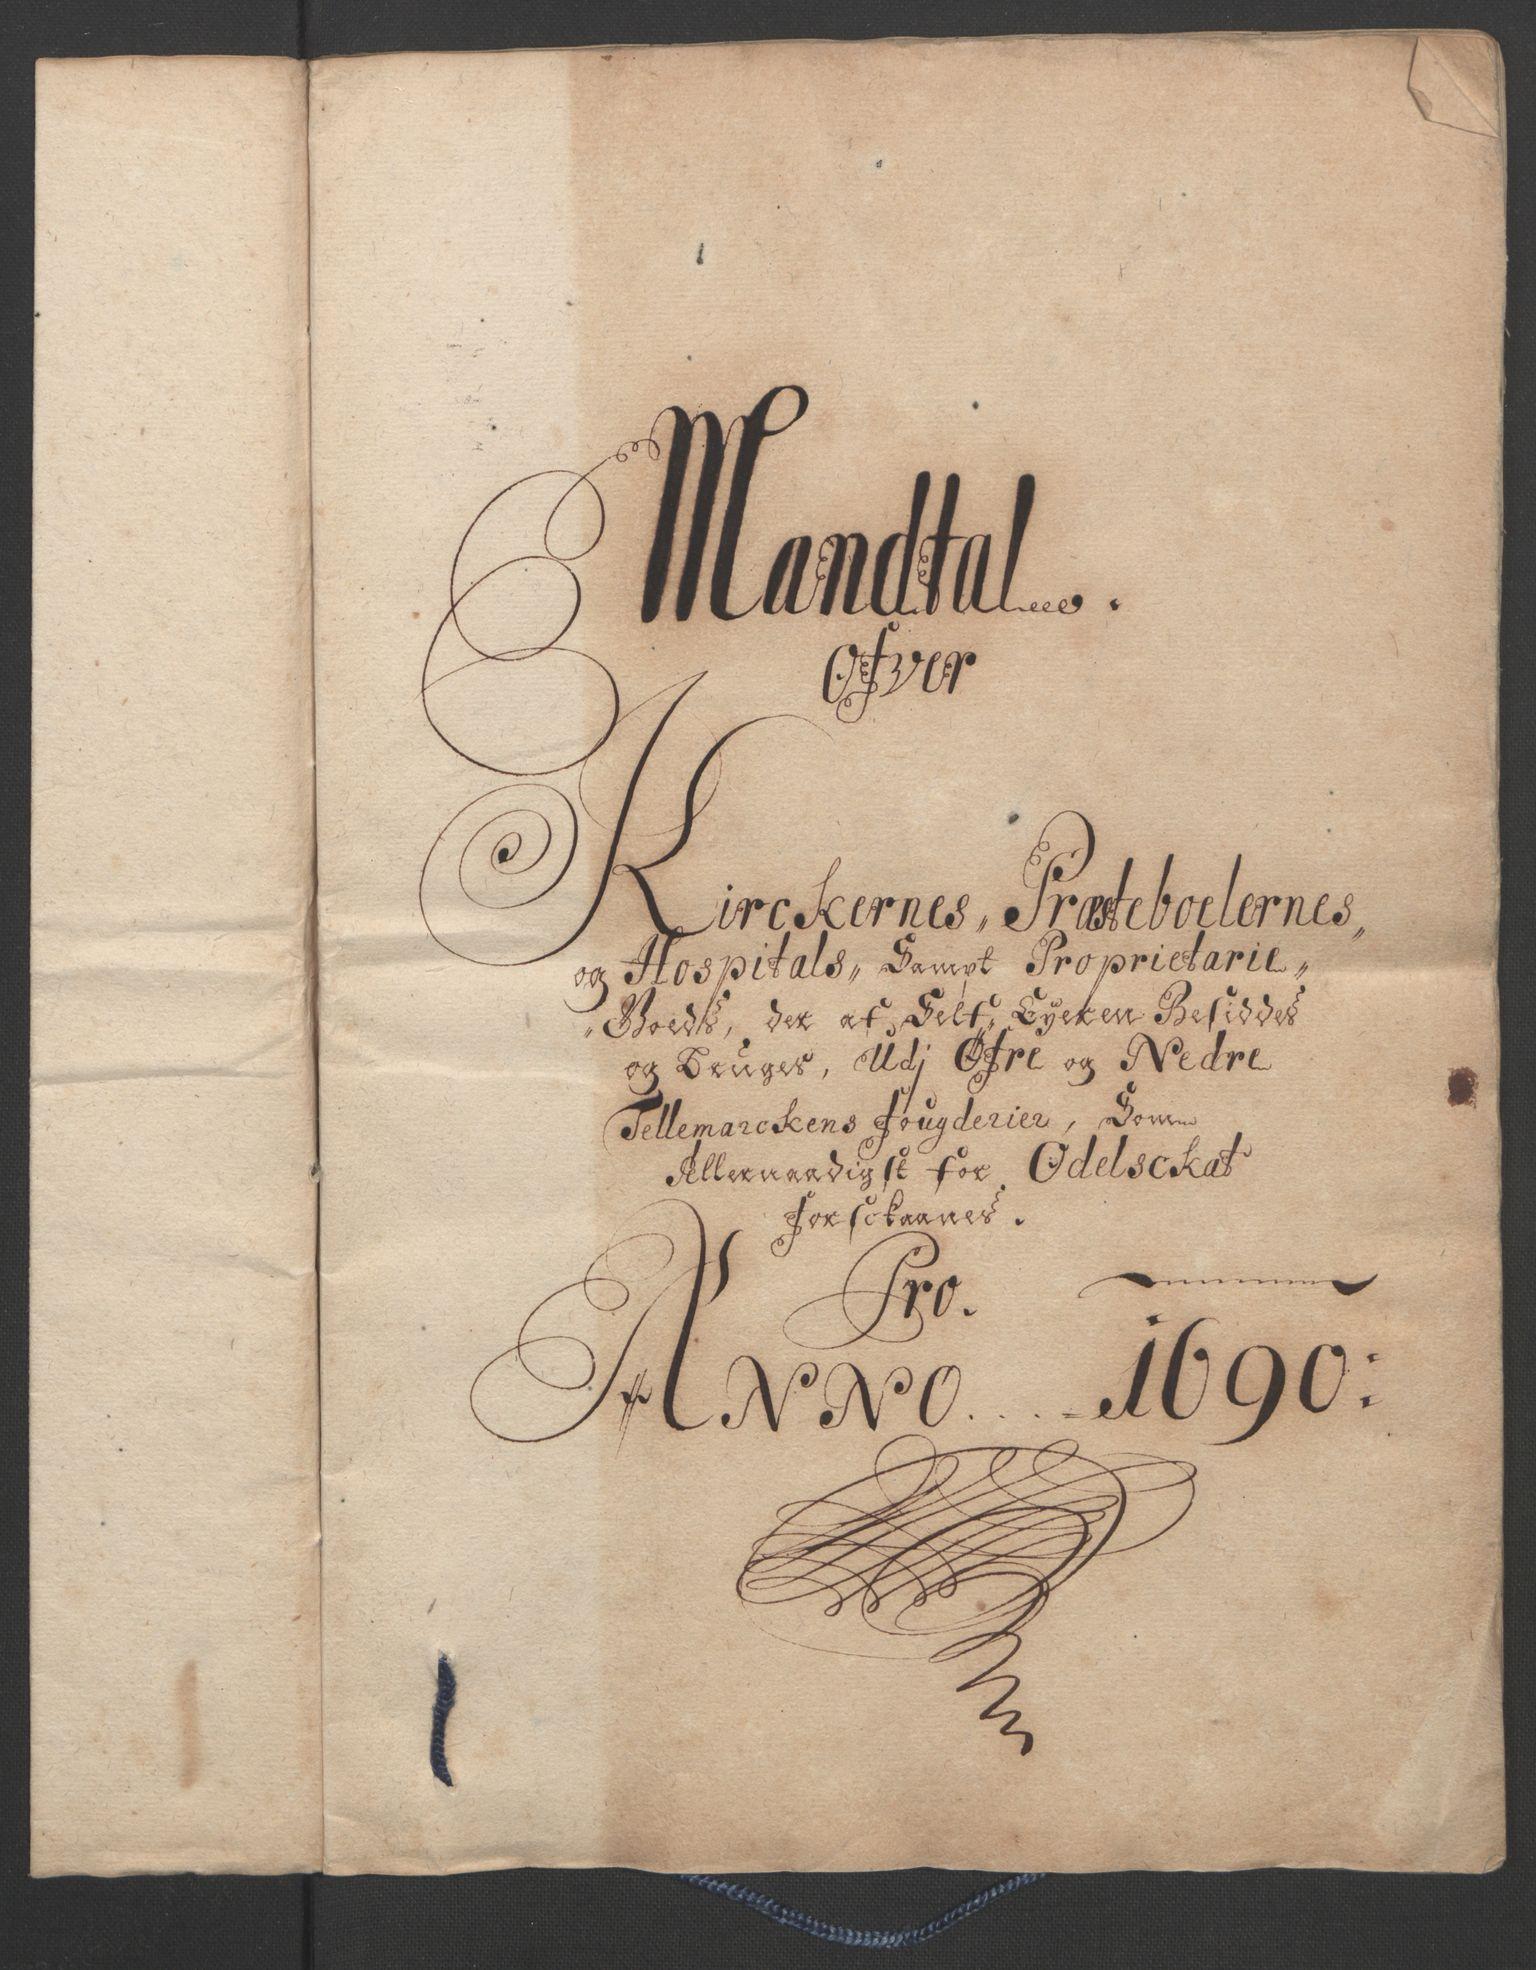 RA, Rentekammeret inntil 1814, Reviderte regnskaper, Fogderegnskap, R35/L2091: Fogderegnskap Øvre og Nedre Telemark, 1690-1693, s. 31